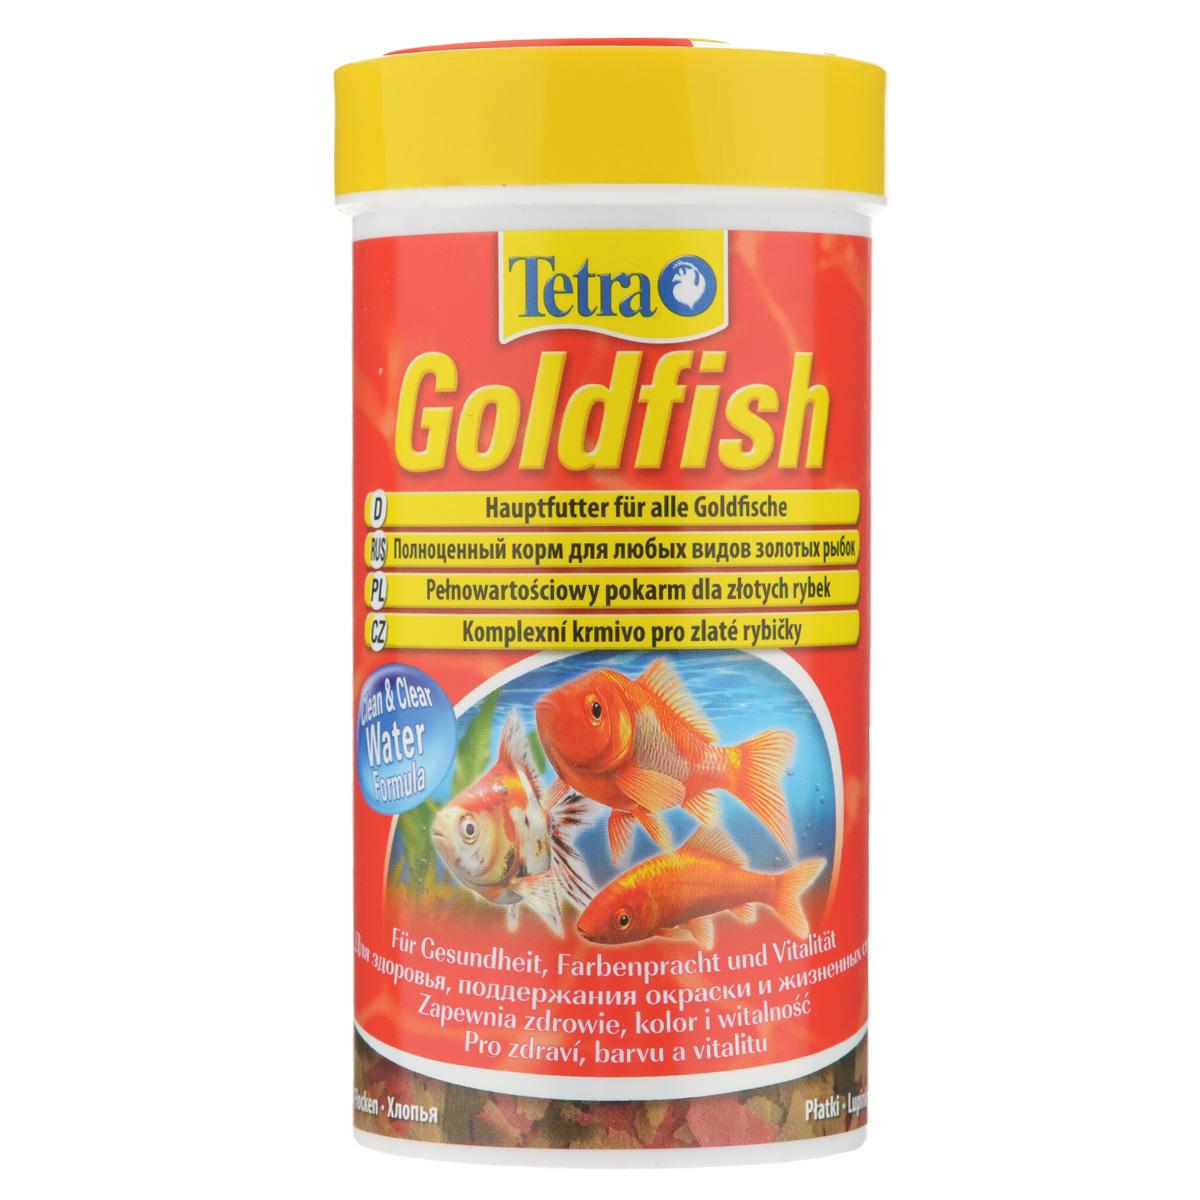 Корм Tetra Goldfish для любых видов золотых рыбок, в виде хлопьев, 250 мл140127Корм Tetra Goldfish - высококачественный сбалансированный питательный корм в виде хлопьев для всех видов золотых рыбок. Для здоровья, поддержания окраски и жизненных сил. Особенности Tetra Goldfish:разнообразное питание, которое достигается за счет оптимально подобранного состава хлопьев,содержит все необходимые питательные вещества и микроэлементы,улучшает здоровье, жизненную силу и богатство красок,с запатентованной формулой BioActive- для продолжительной и здоровой жизни ваших питомцев,с формулой Clean & Clear Water: улучшает усваиваемость корма и сокращает количество экскрементов рыб - для чистой и прозрачной аквариумной воды.Рекомендации по кормлению: кормите несколько раз в день маленькими порциями. Характеристики: Состав: рыба и побочные рыбные продукты, экстракты растительного белка, зерновые культуры, дрожжи, моллюски и раки, масла и жиры, водоросли, сахар.Пищевая ценность: сырой белок - 42%, сырые масла и жиры - 11%, сырая клетчатка - 2%, влага - 6,5%.Добавки: витамины, провитамины и химические вещества с аналогичным воздействием: витамин А 29100 МЕ/кг, витамин Д3 1820 МЕ/кг. Комбинации элементов: Е5 Марганец 17 мг/кг, Е6 Цинк 10 мг/кг, Е1 Железо 7 мг/кг, Е3 Кобальт 0,1 мг/кг. Красители, консерванты, антиоксиданты. Вес: 250 мл (52 г).